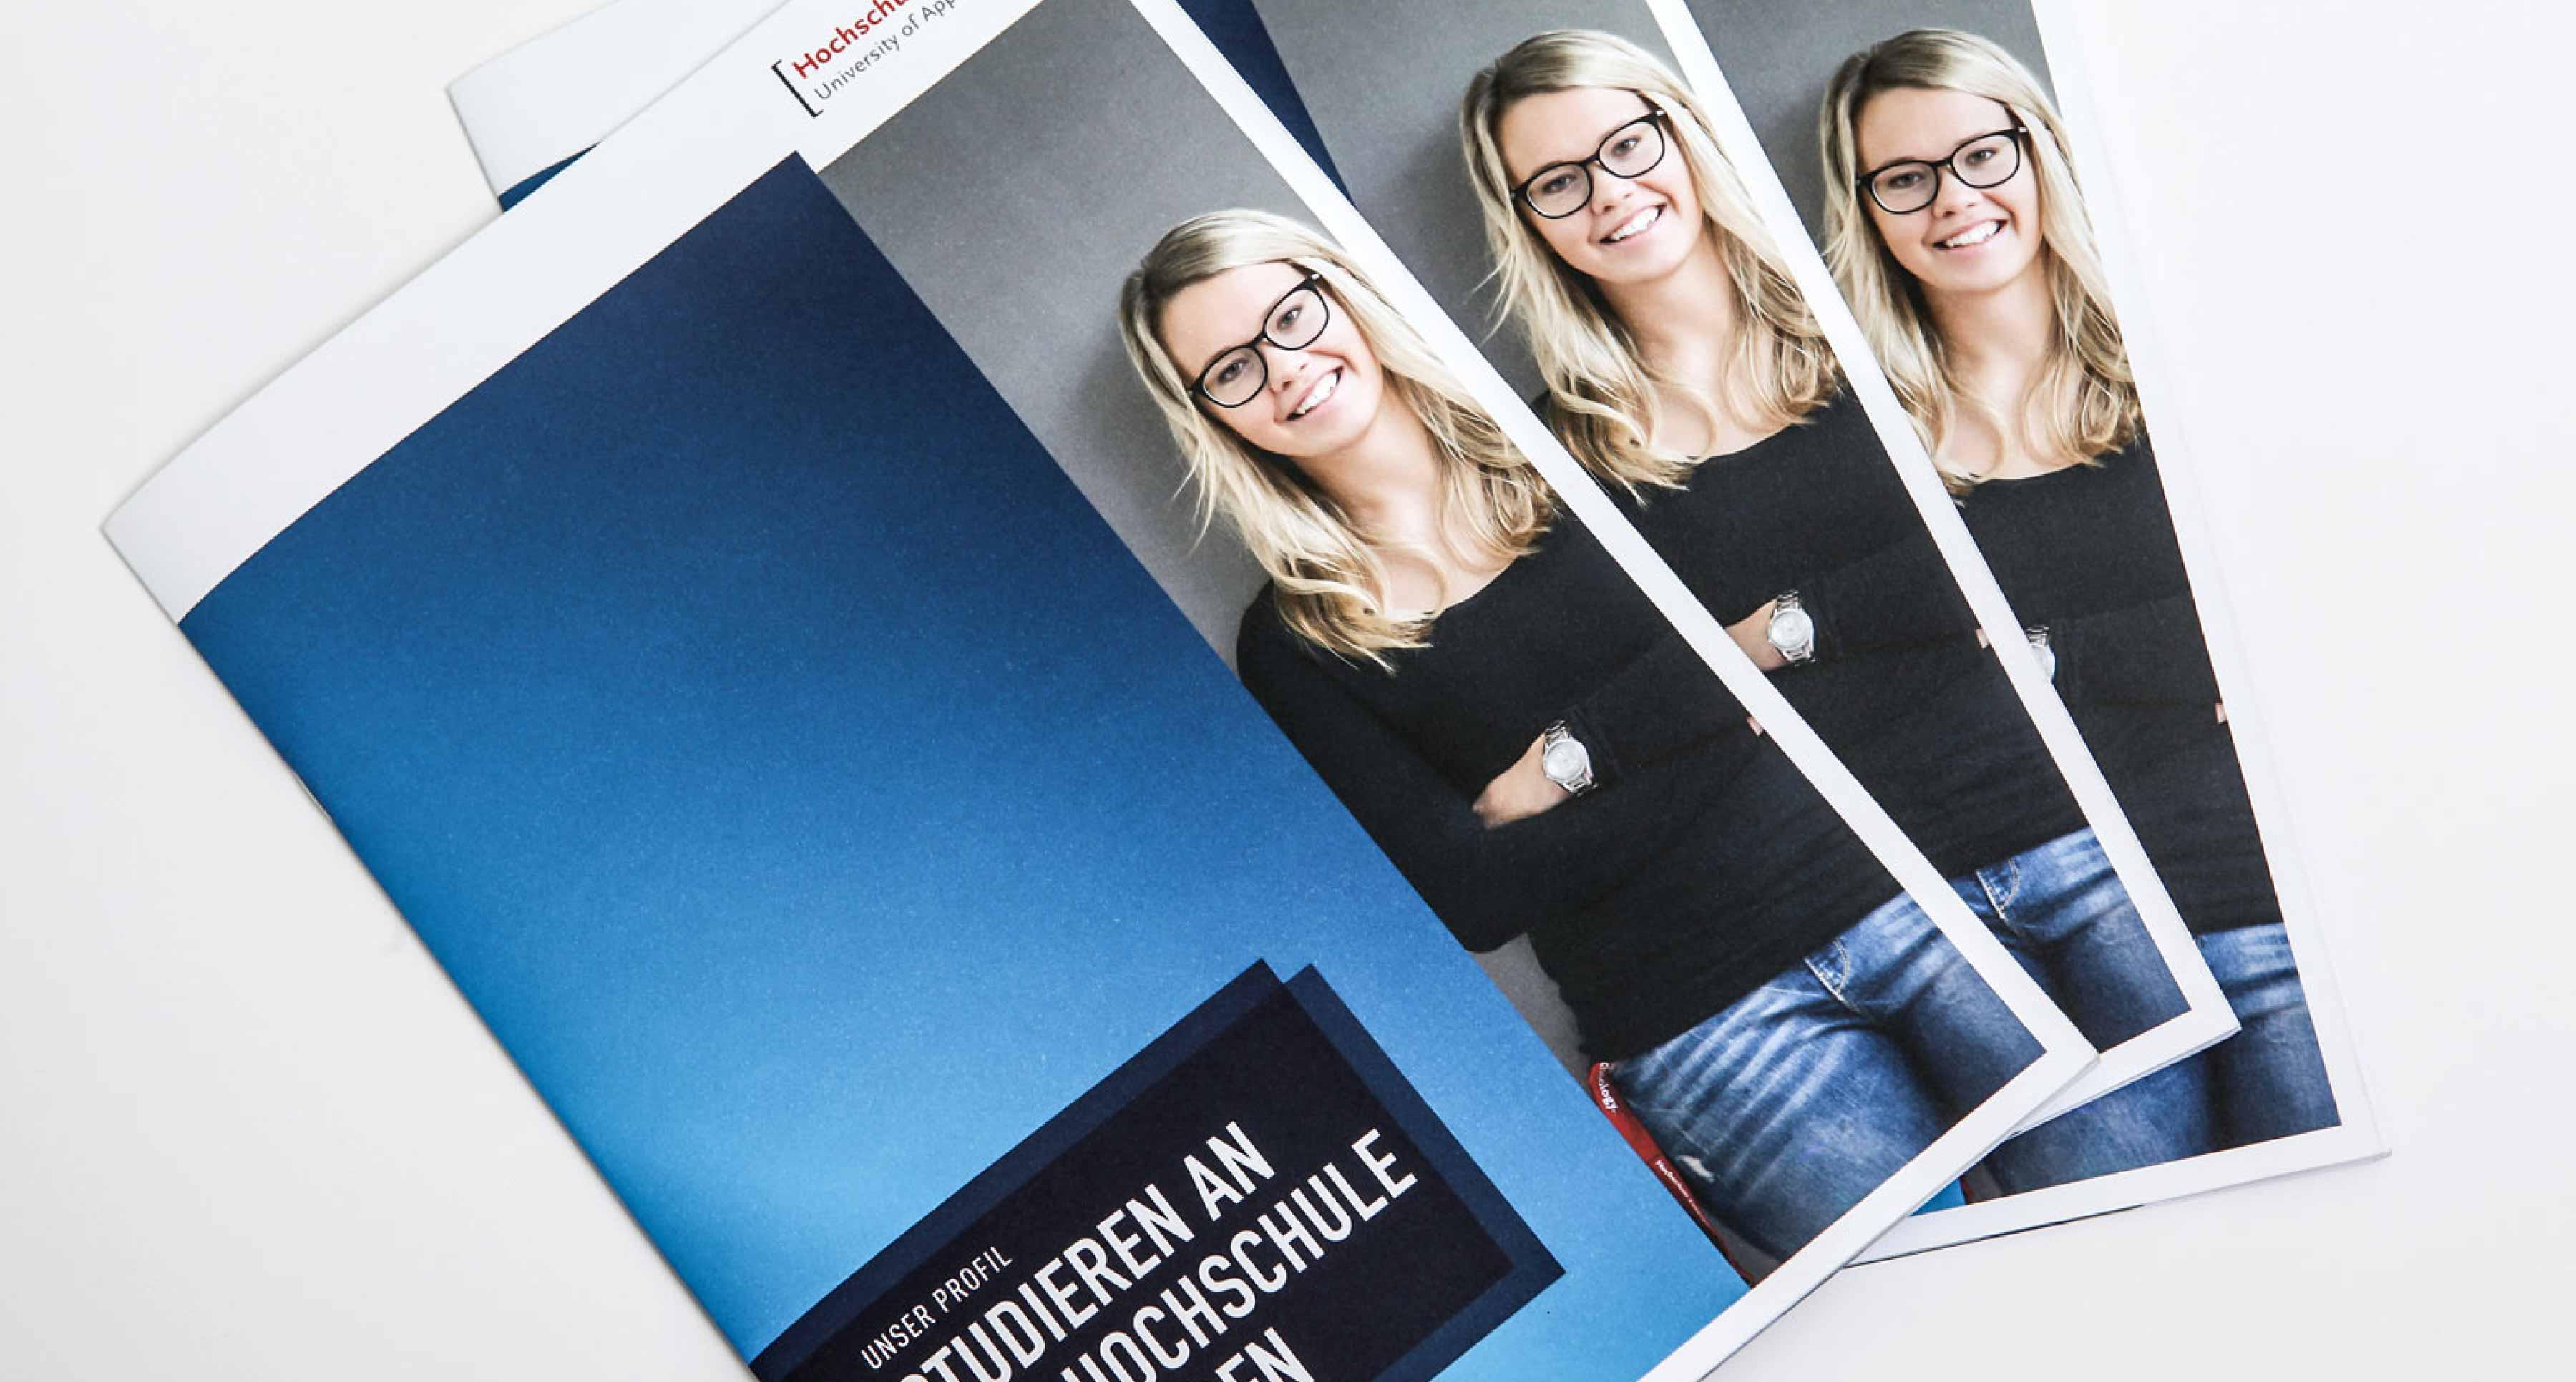 Hochschule Esslingen Imagebroschüre Cover Design